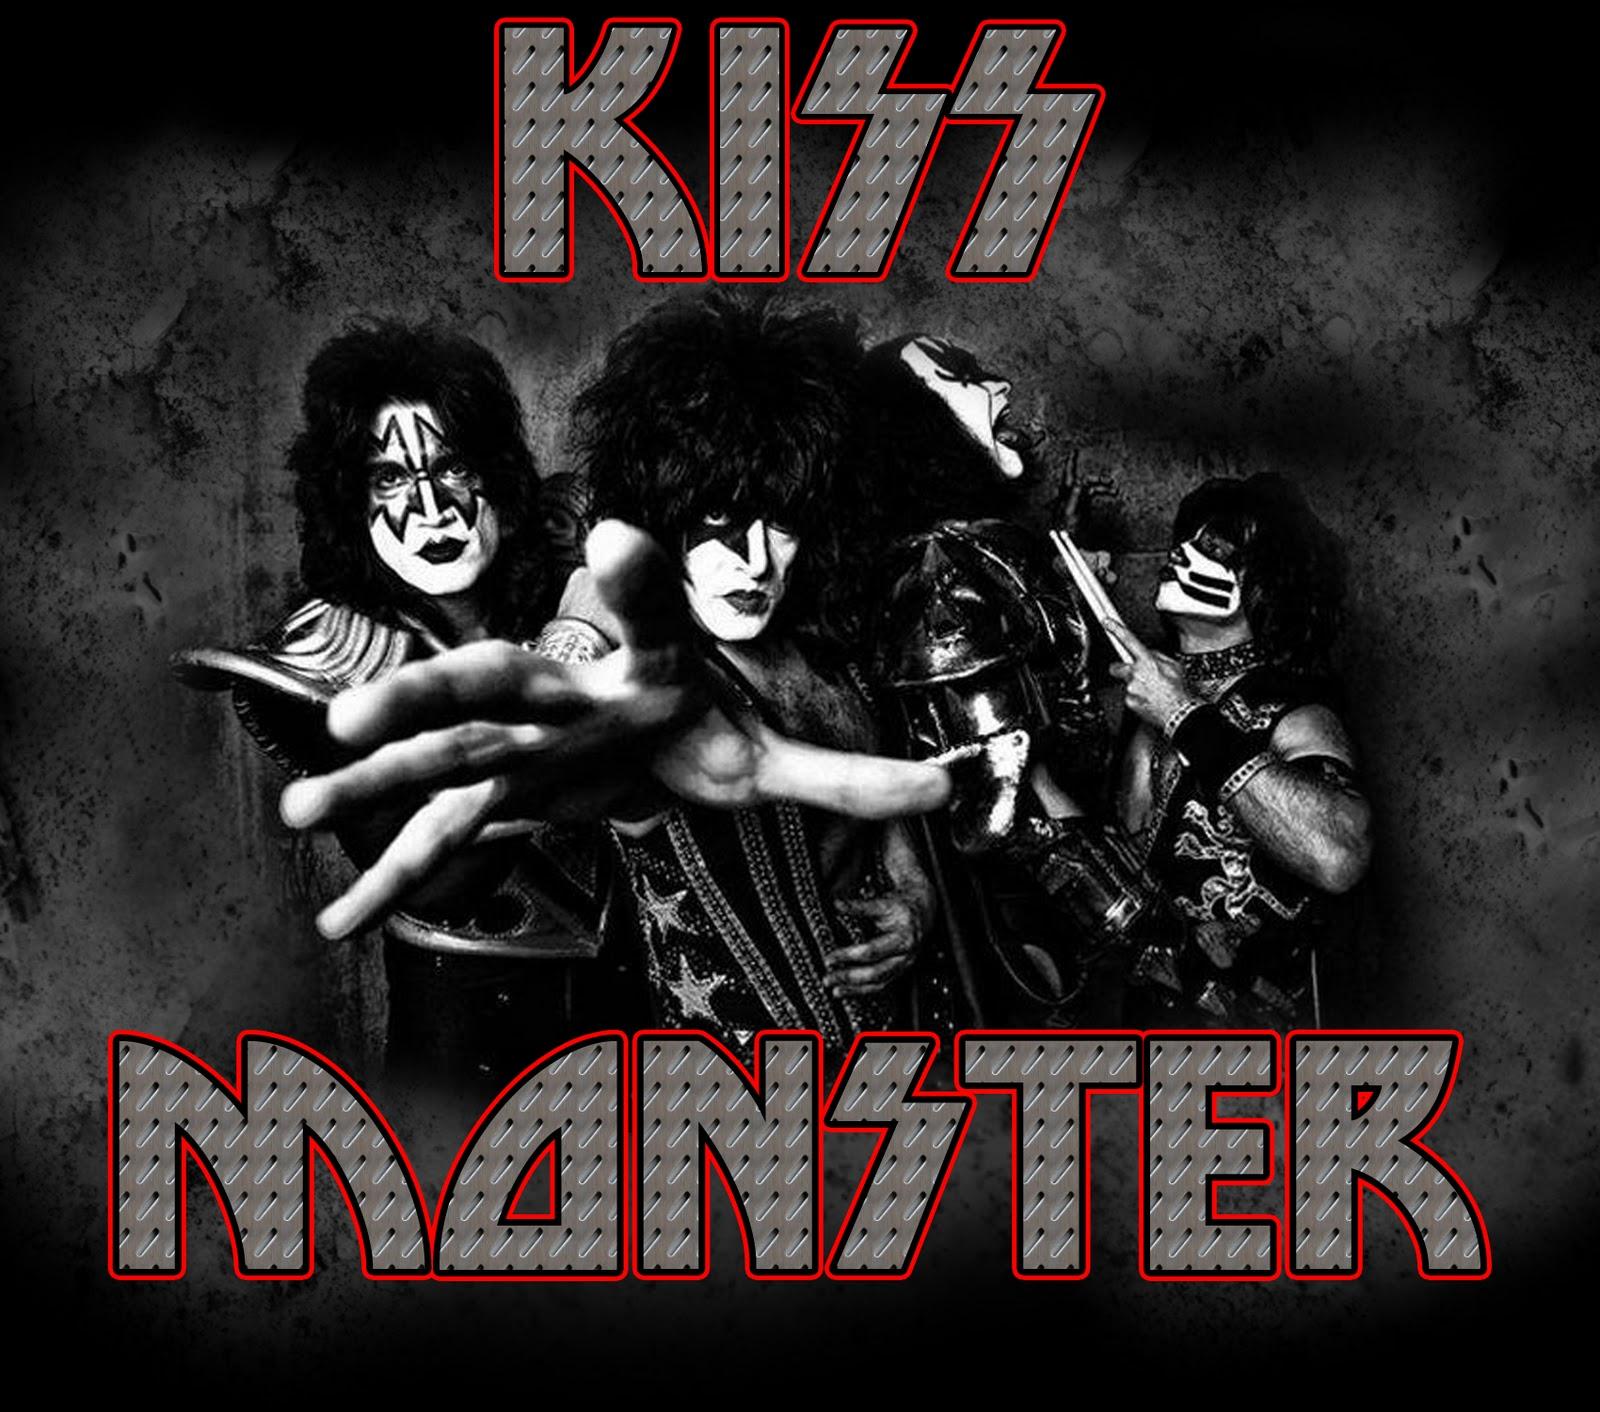 http://4.bp.blogspot.com/-_u8fH7VQbXc/To1RXBHDYDI/AAAAAAAAAcI/LF9JJhNOBfQ/s1600/KISSMonster.jpg